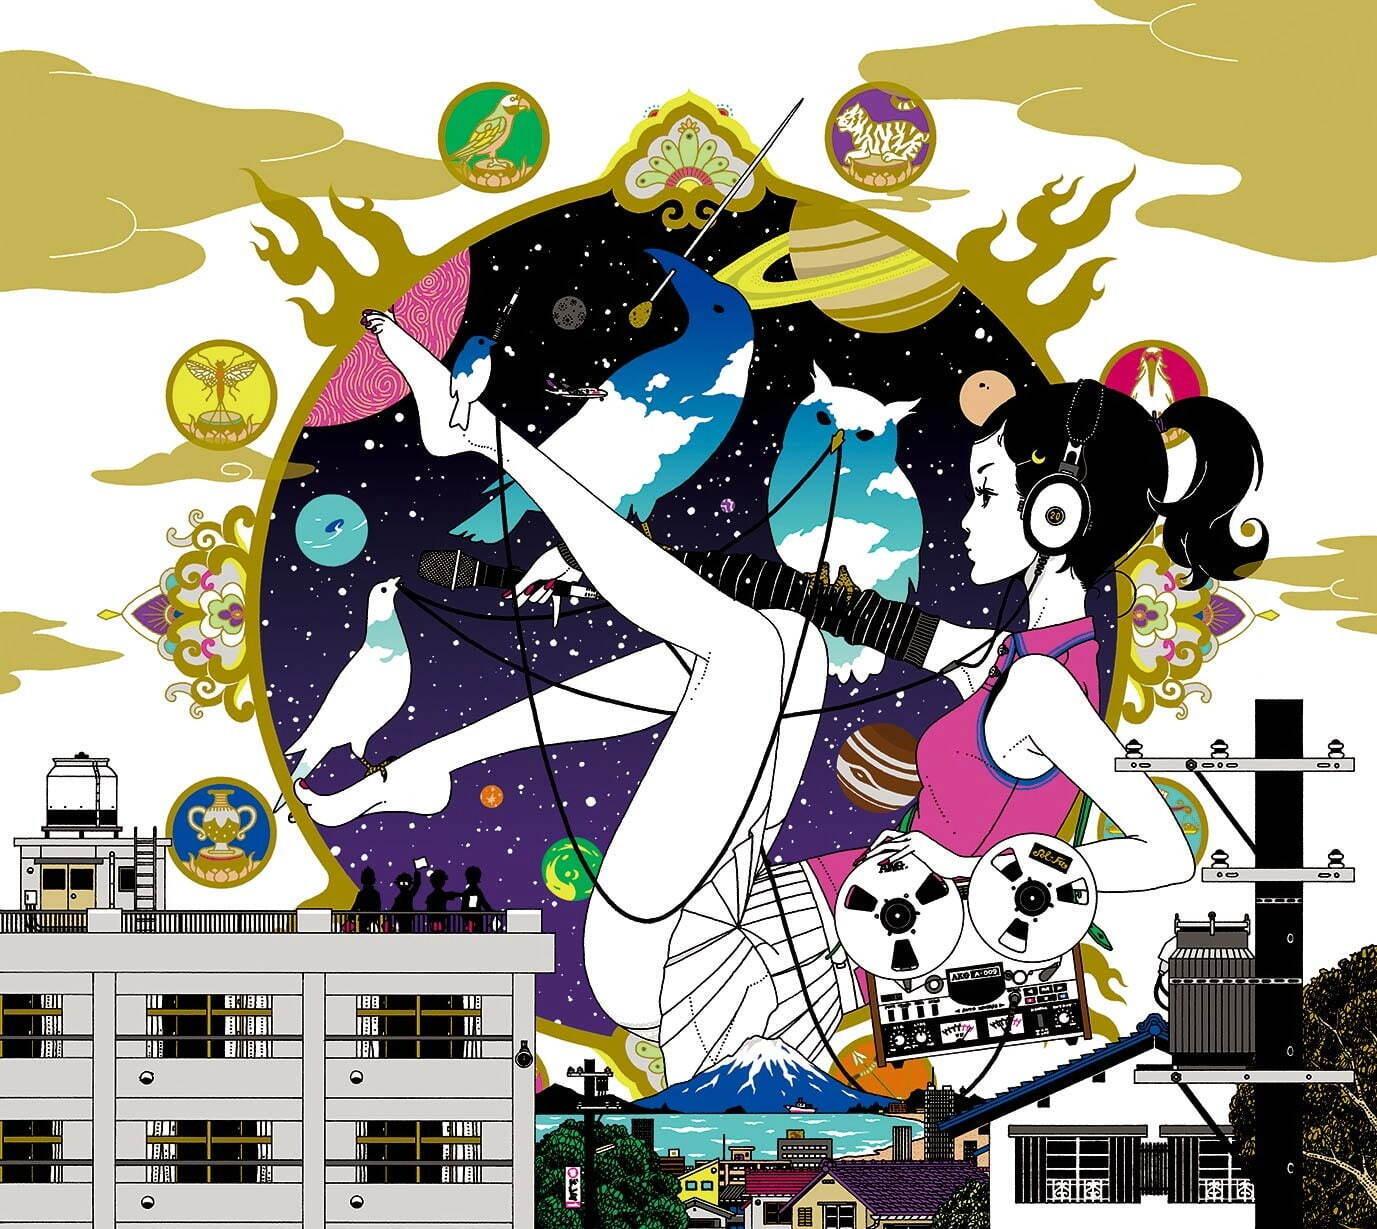 中村佑介の展覧会が金沢21世紀美術館で開催 作品総数430以上 その仕事のほぼ全てを網羅 ファッションプレス